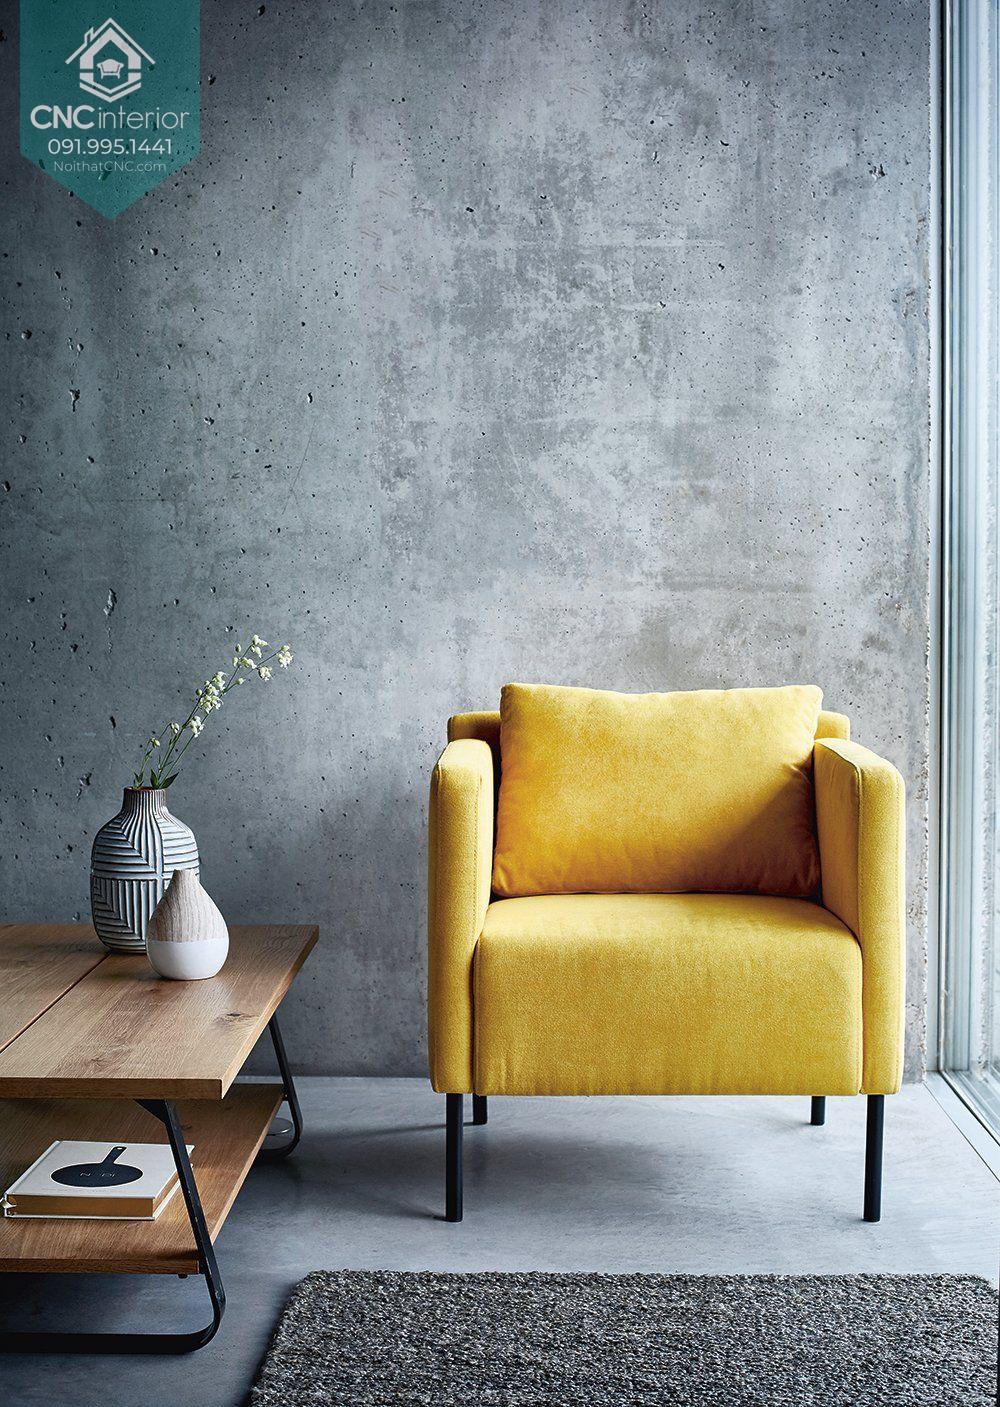 Bàn ghế phòng khách chung cư nhỏ màu sắc tươi sáng